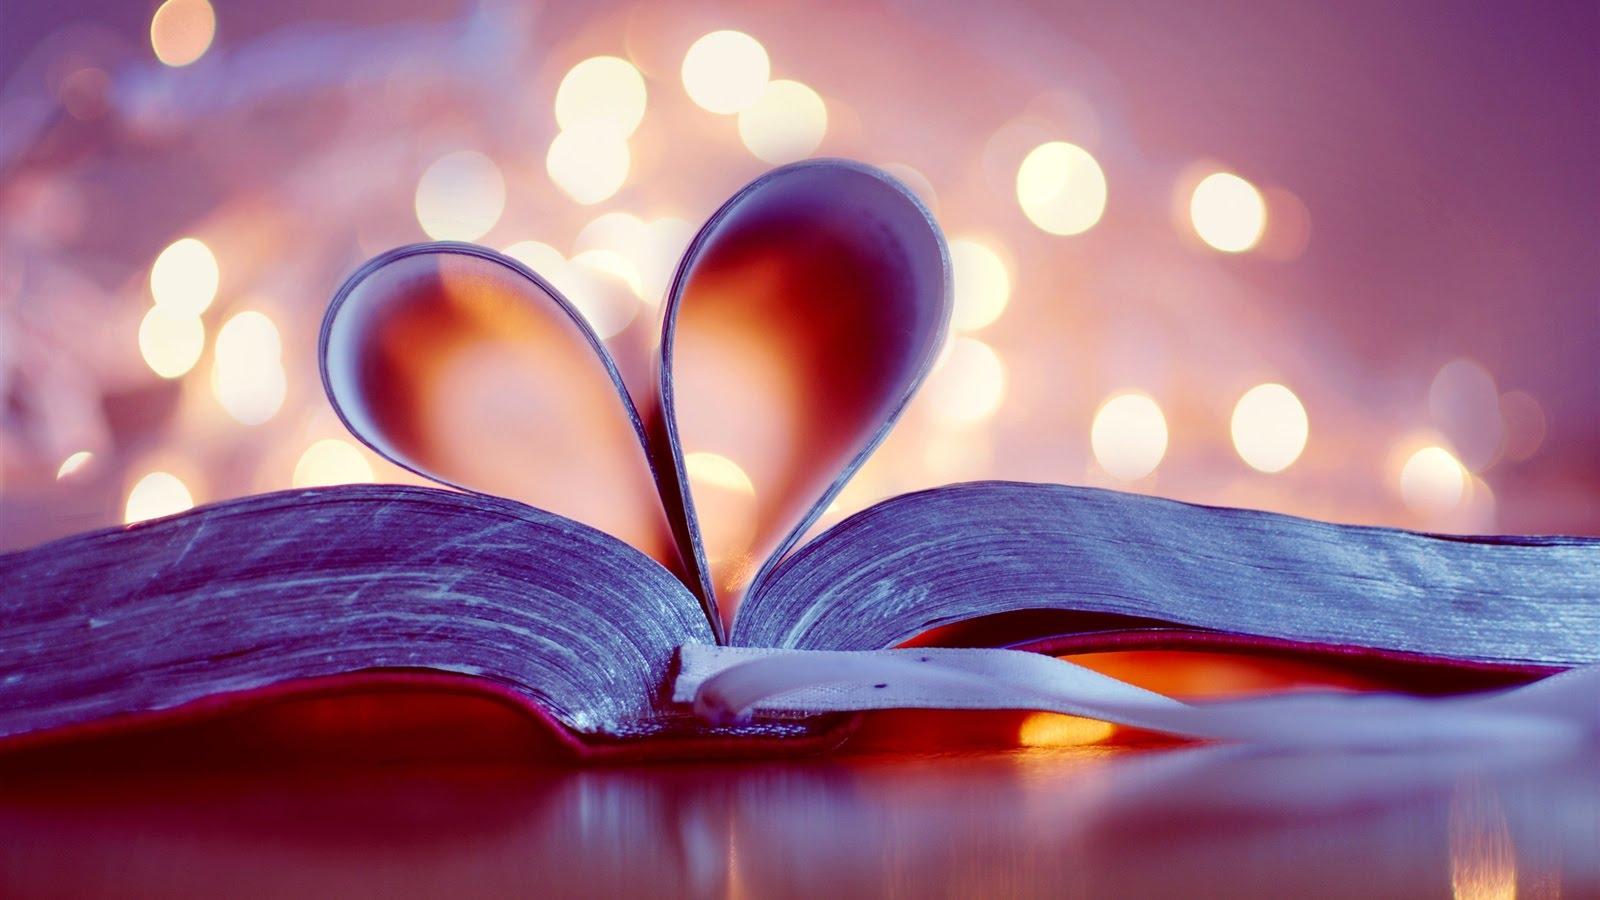 بالصور صور قلب حب , قلوب واجمل الصور الرومانسية 1598 3